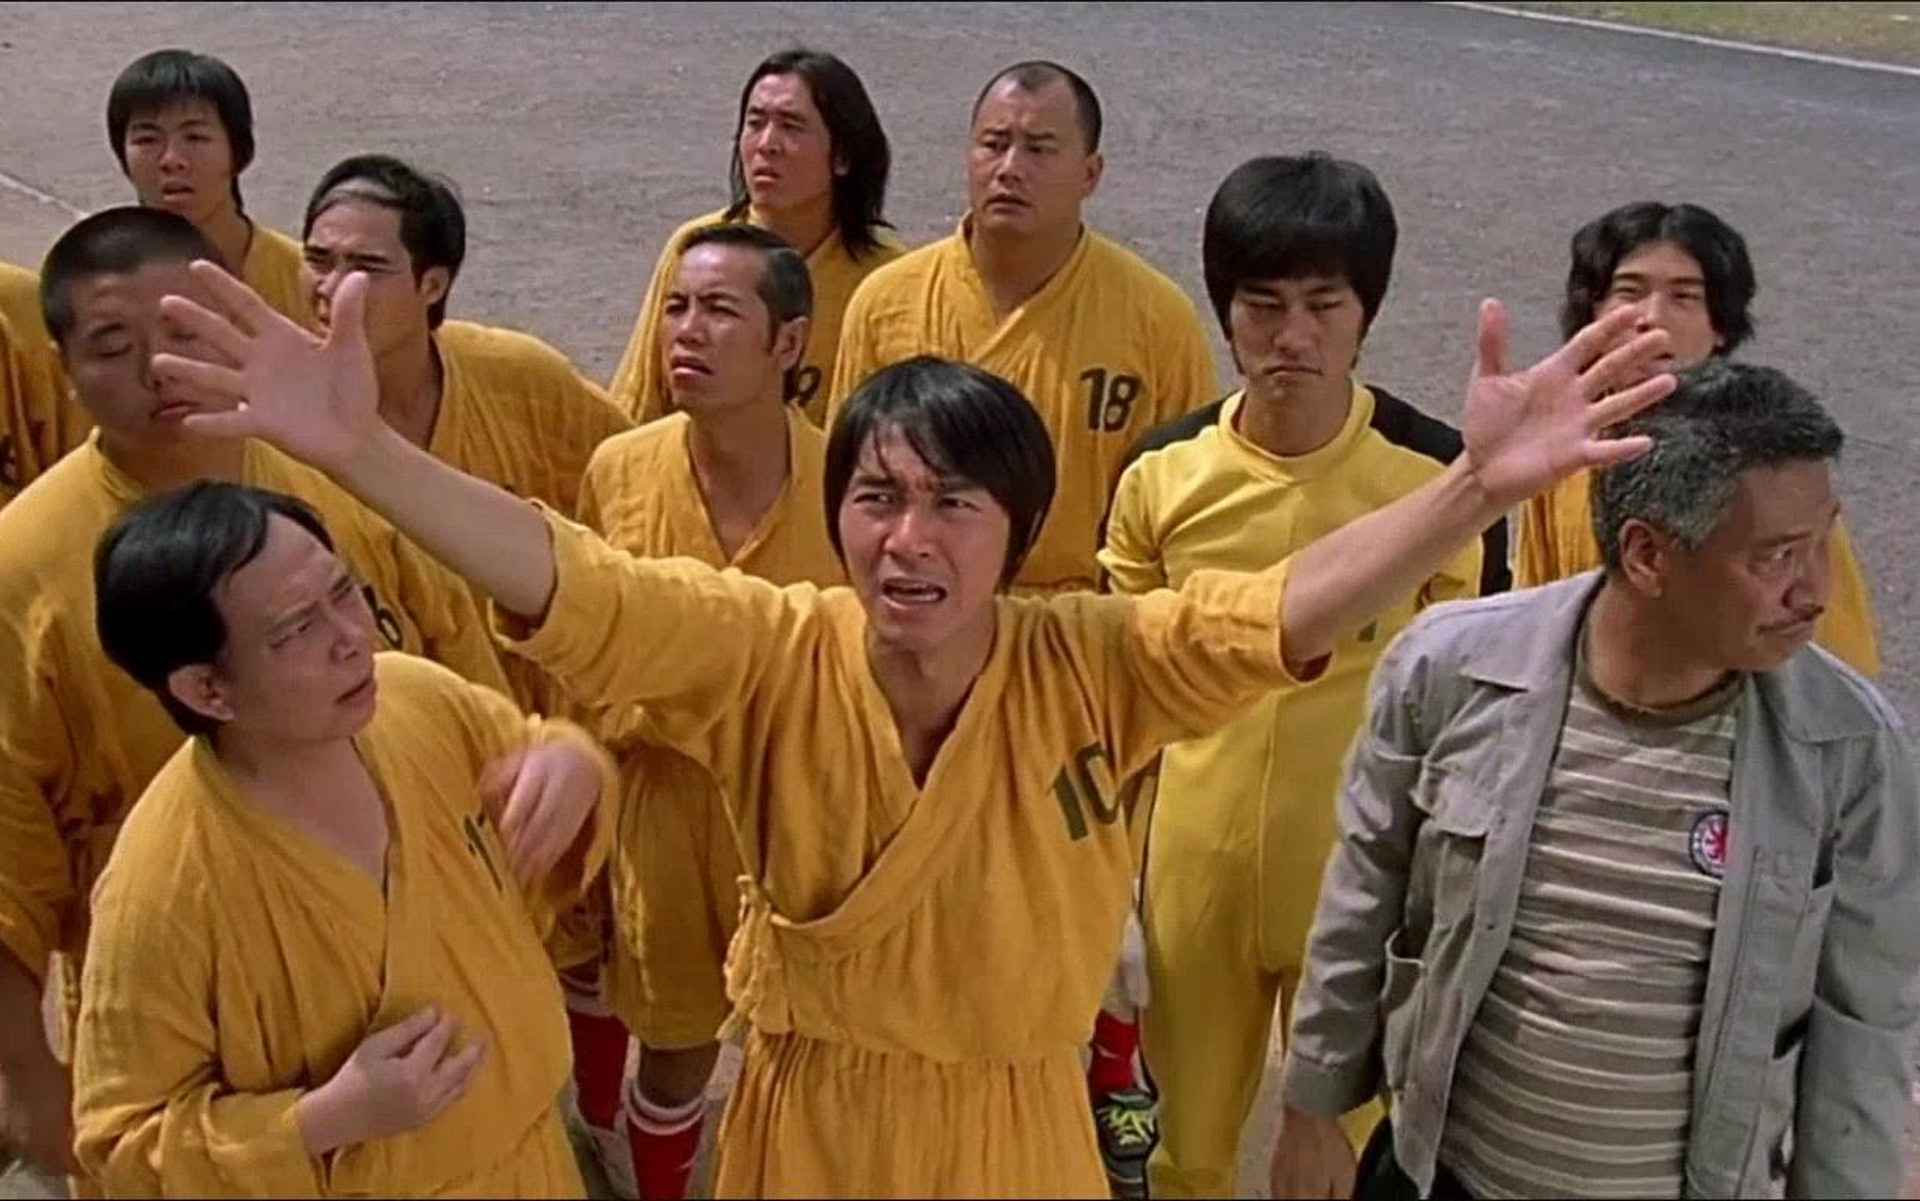 13部被中國禁播的超經典電影